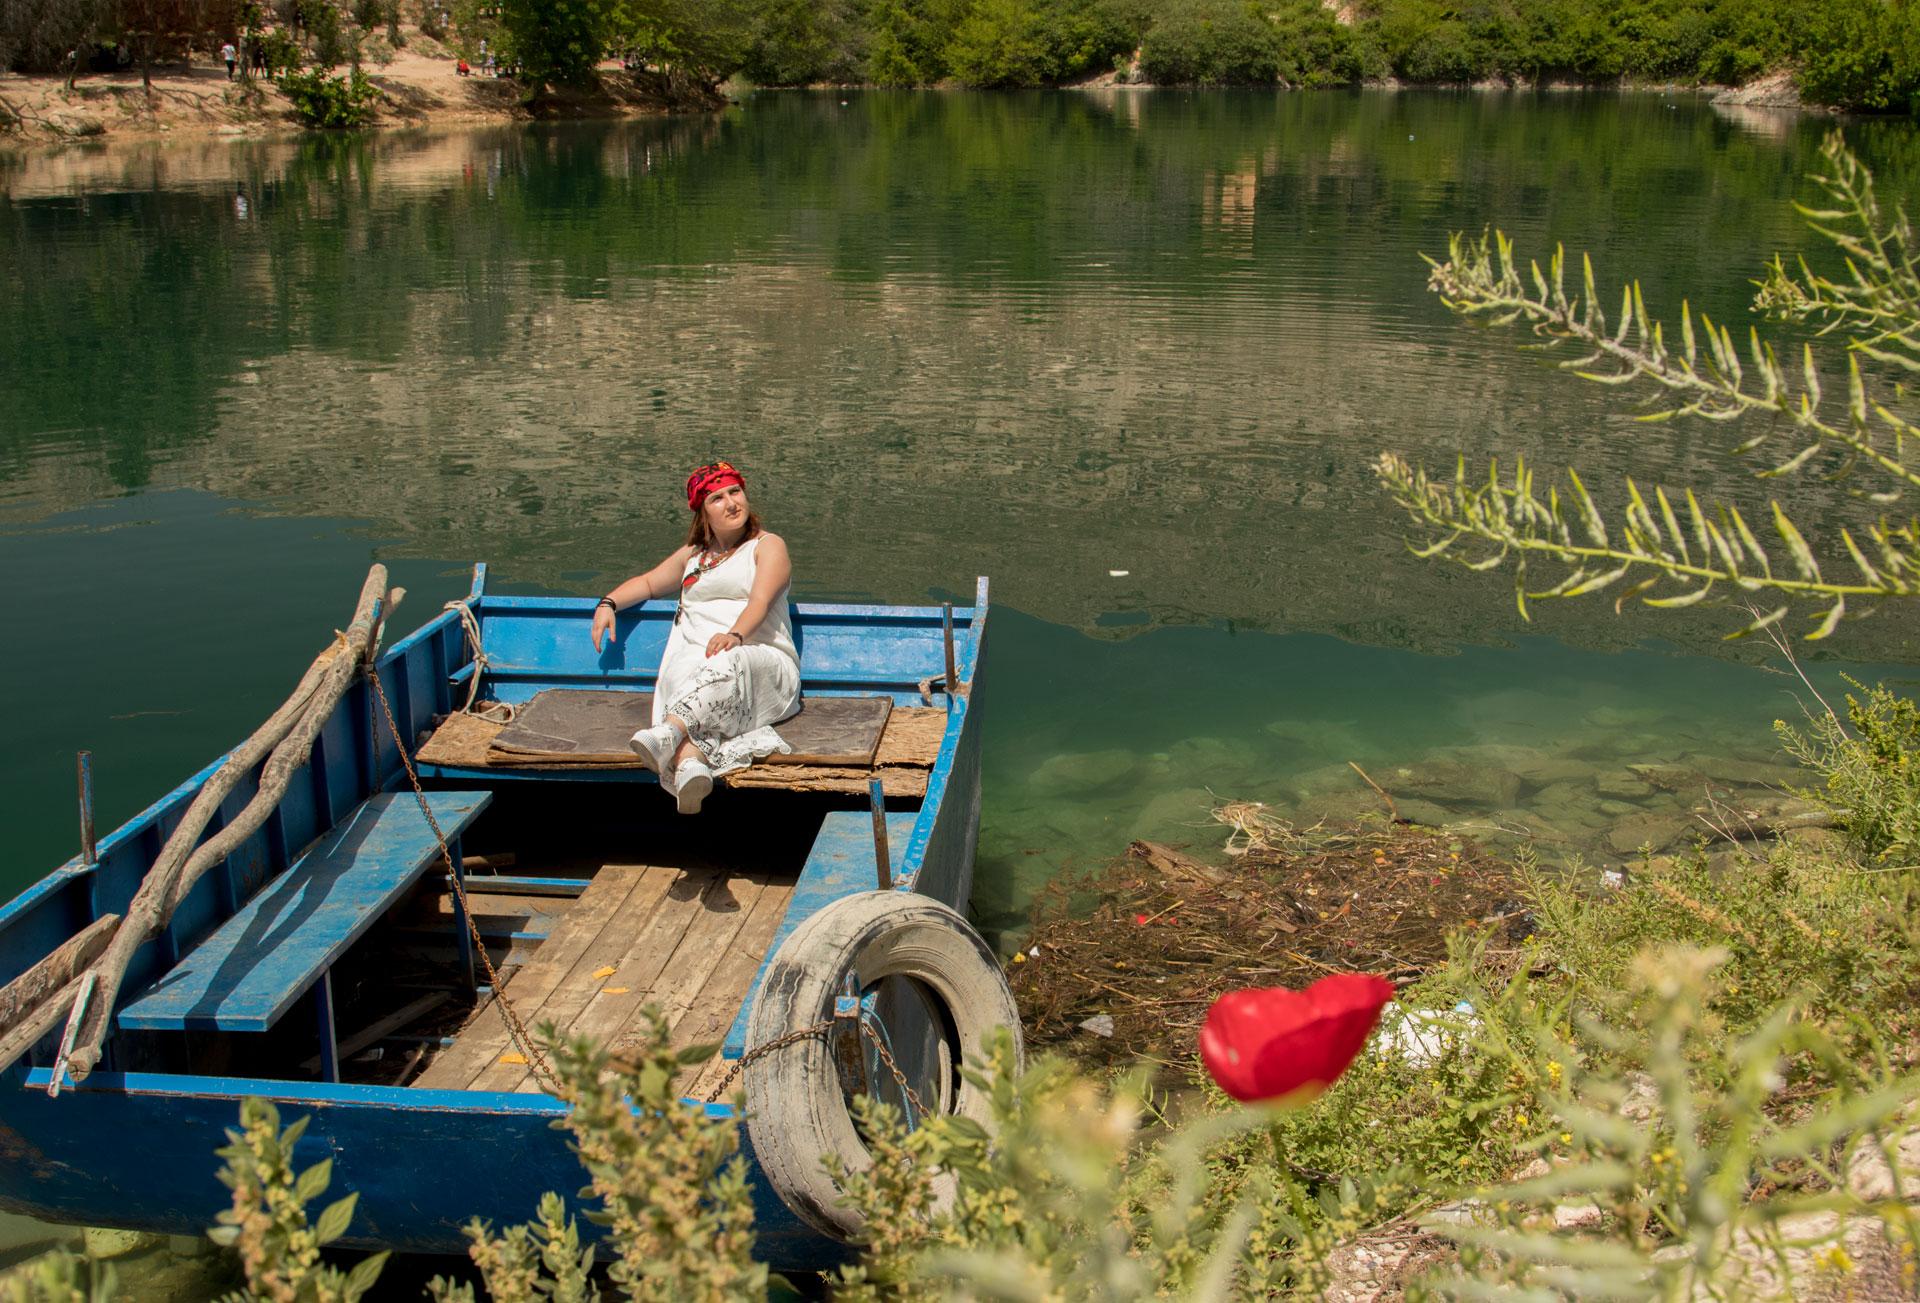 Batık Şehir Halfeti Fotoğrafları Şanlıurfa Türkiye Gezgin Fotoğrafçı Çekergezer Hakan Aydın www.cekergezer.com www.hakanaydın.com.tr